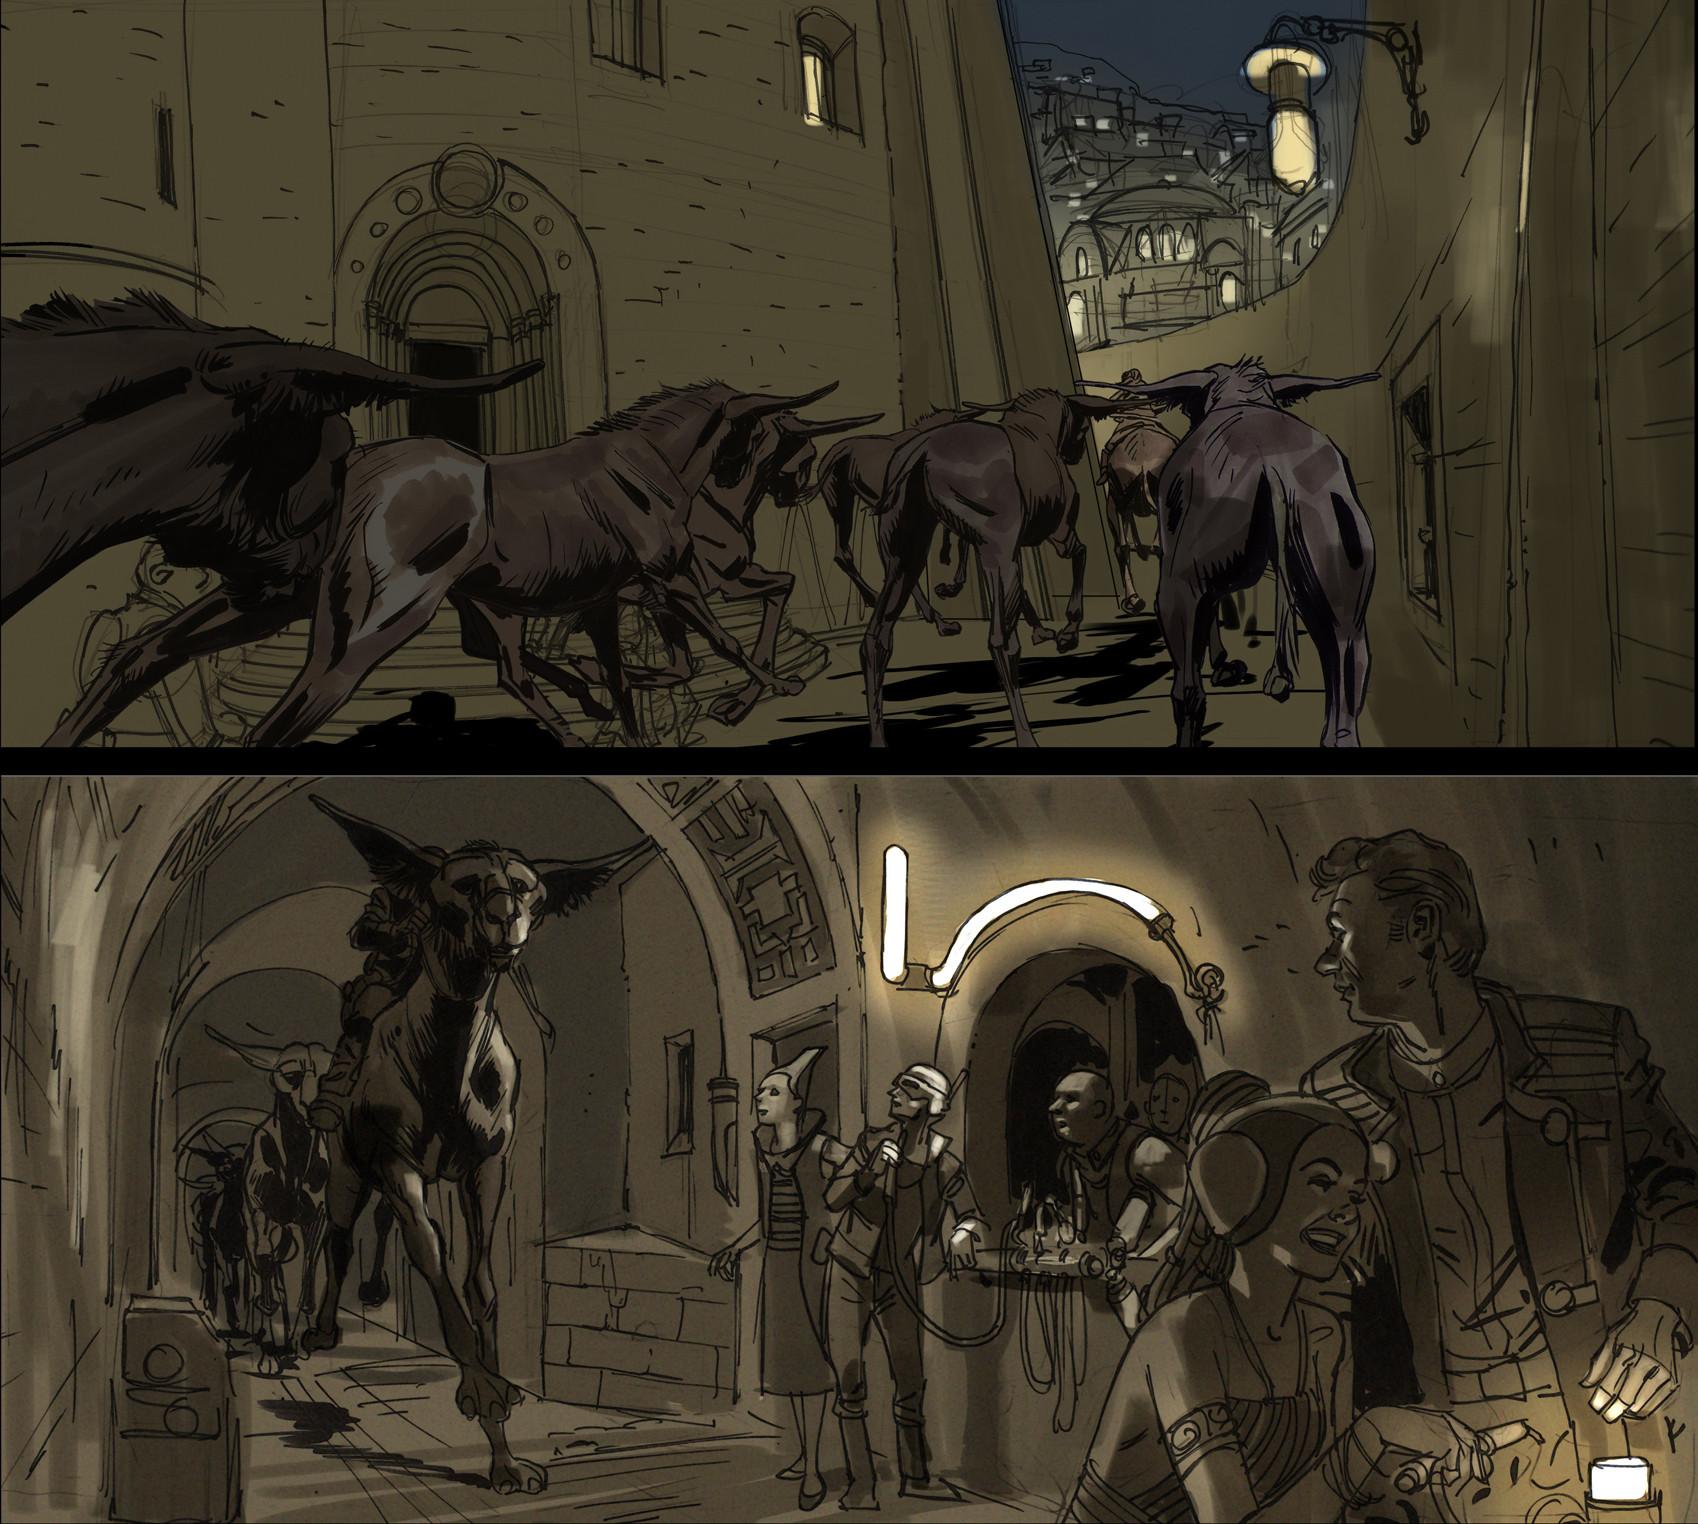 Rodolfo damaggio arch corridor art